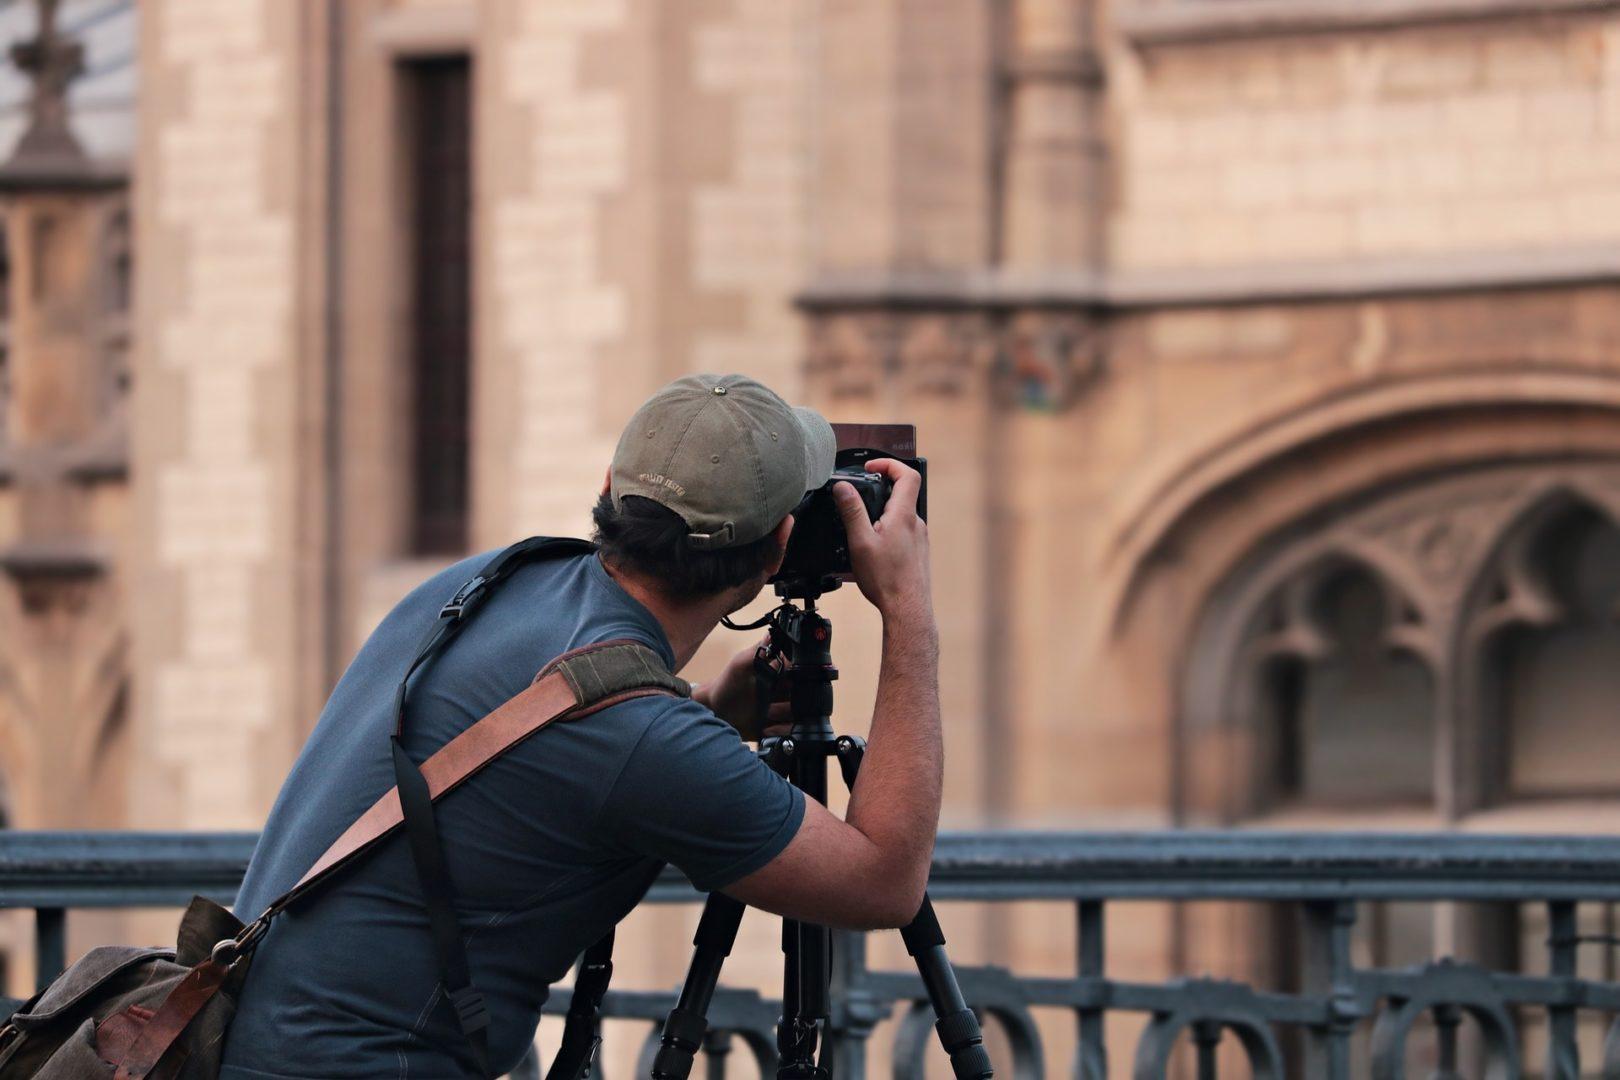 Utiliser un trépied pour réussir ses photos de voyage